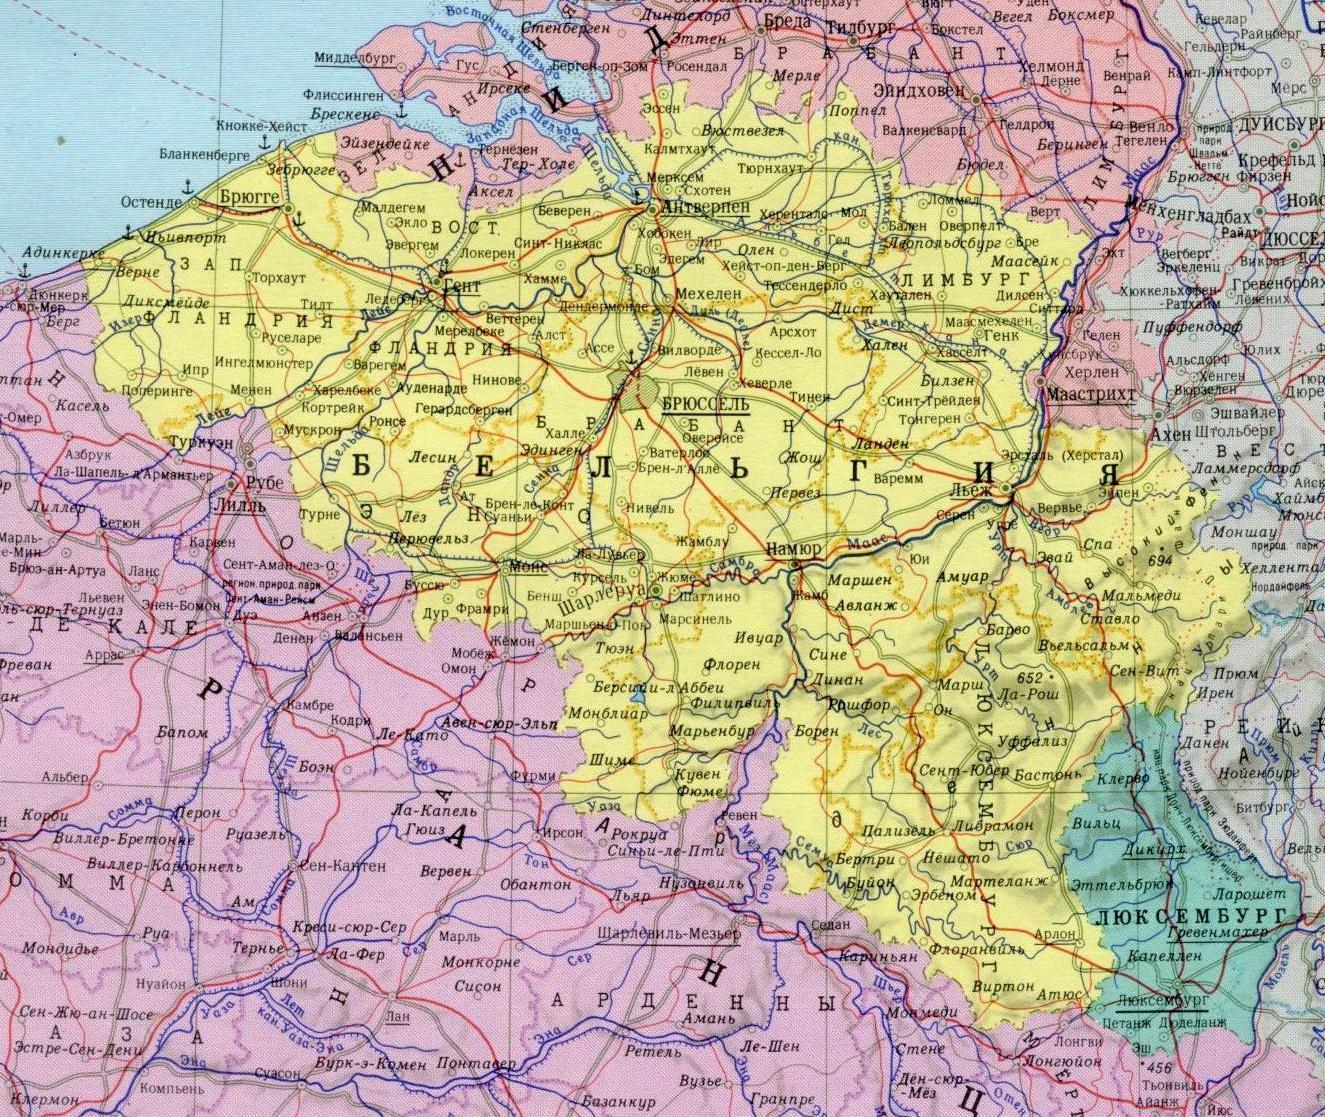 Карта Бельгии с городами